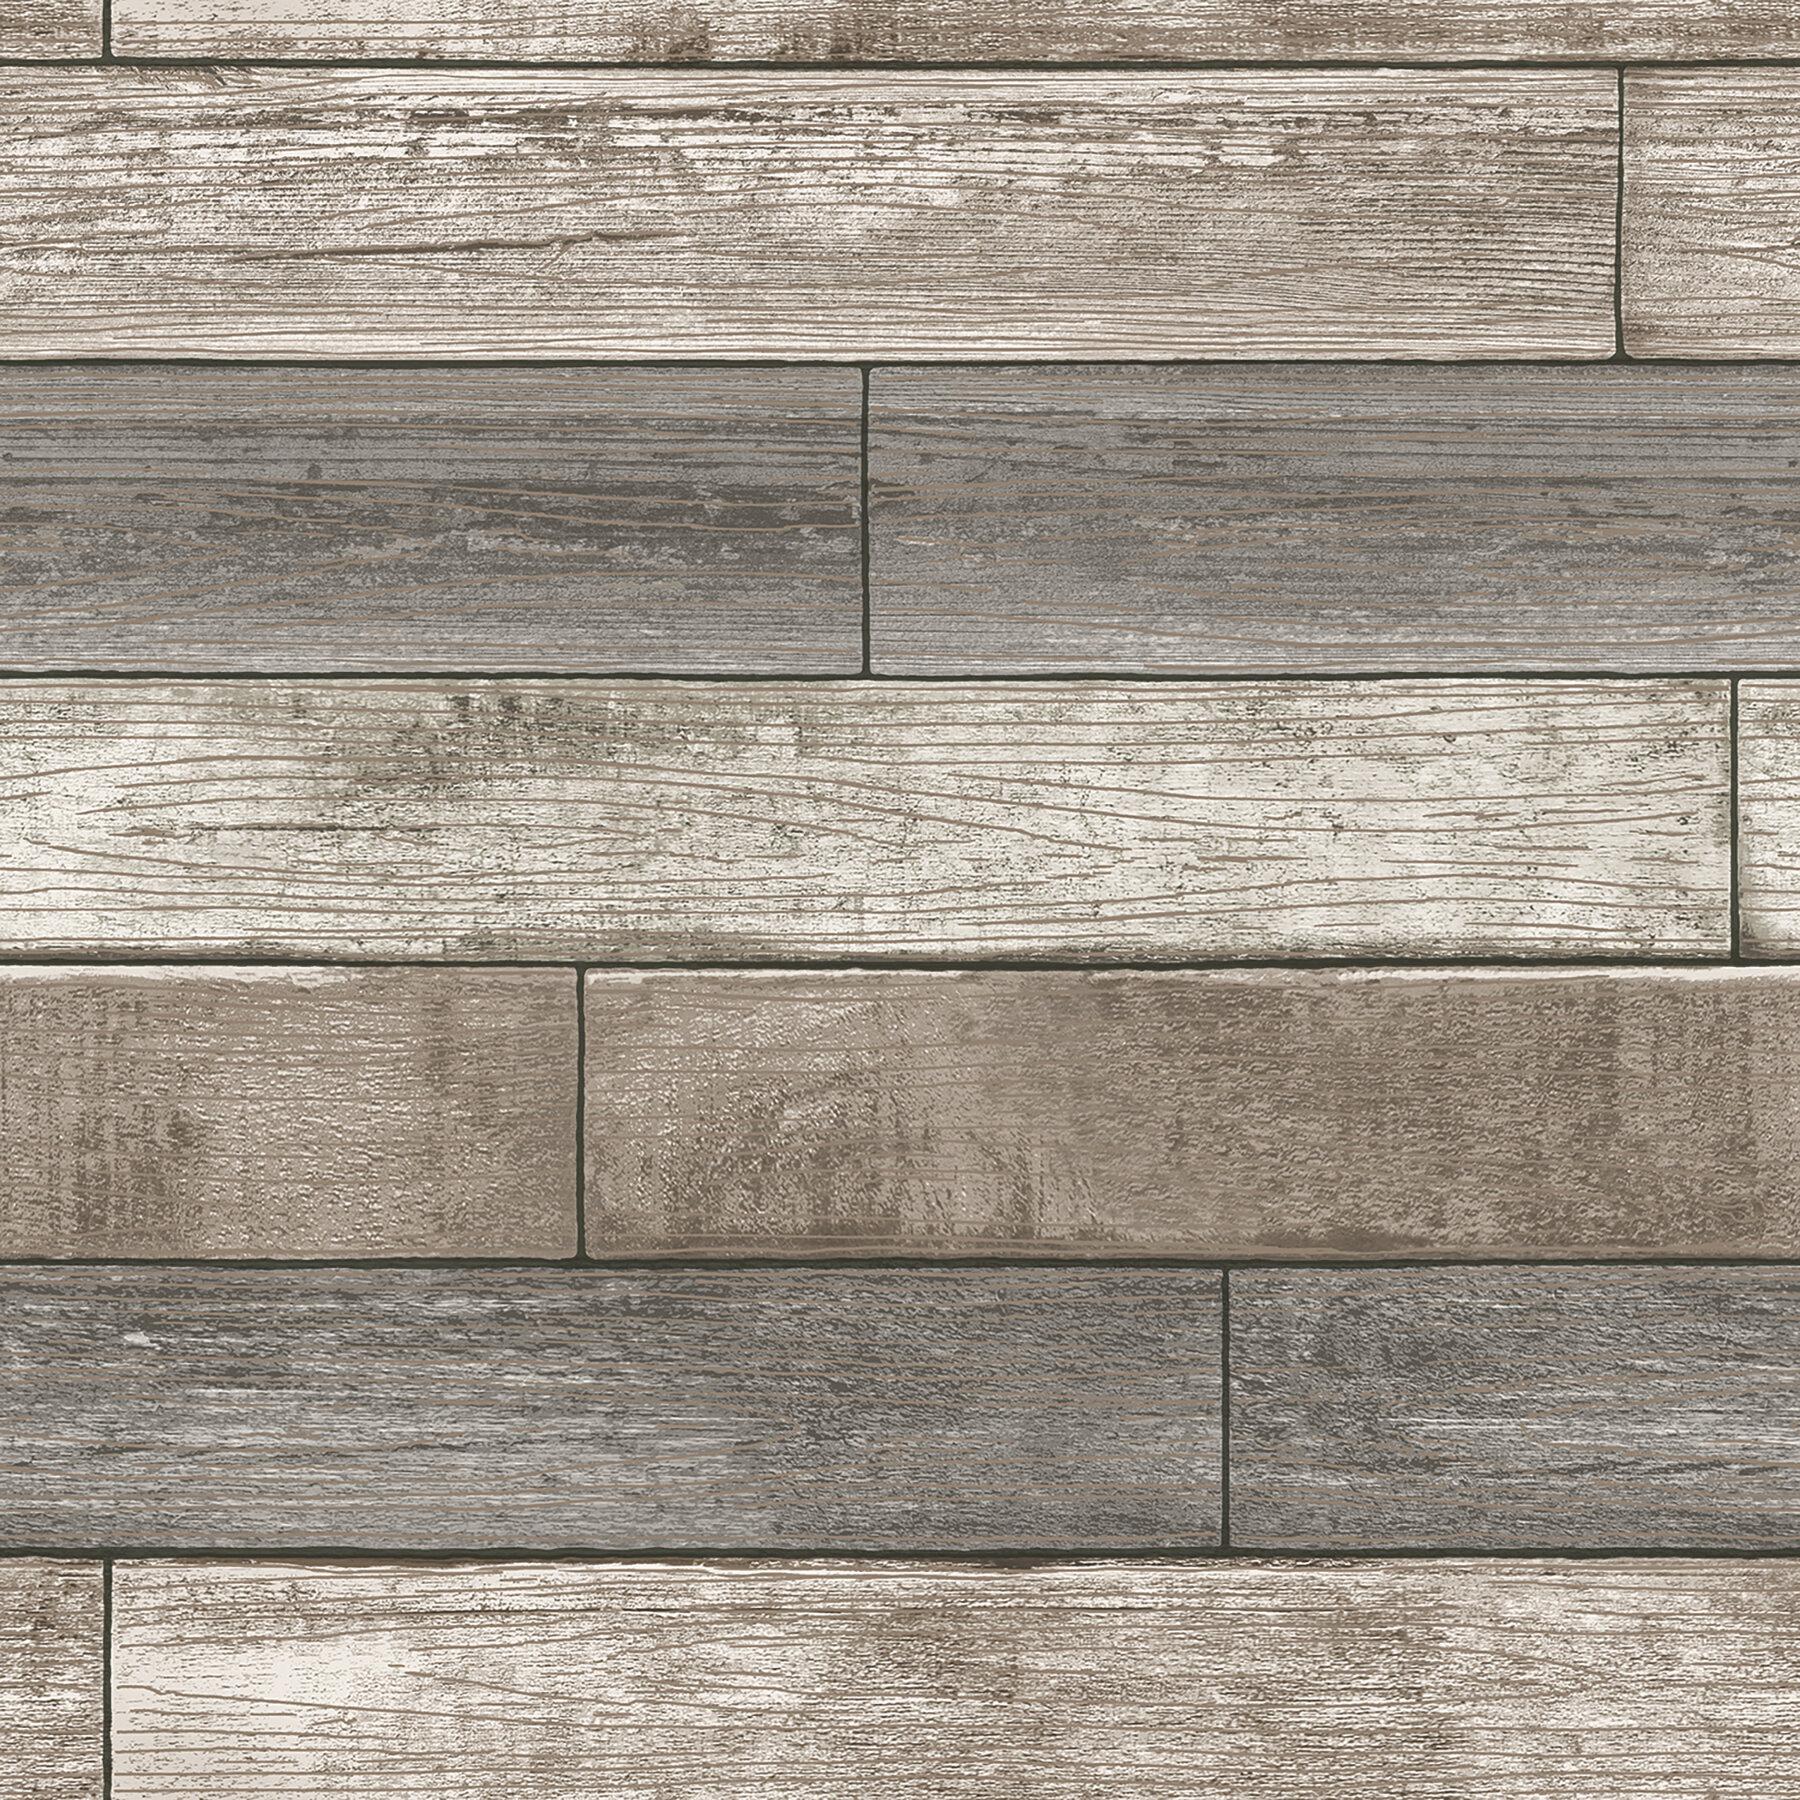 Wallpops Nu 18 X 205 Reclaimed Wood Plank Wallpaper Roll